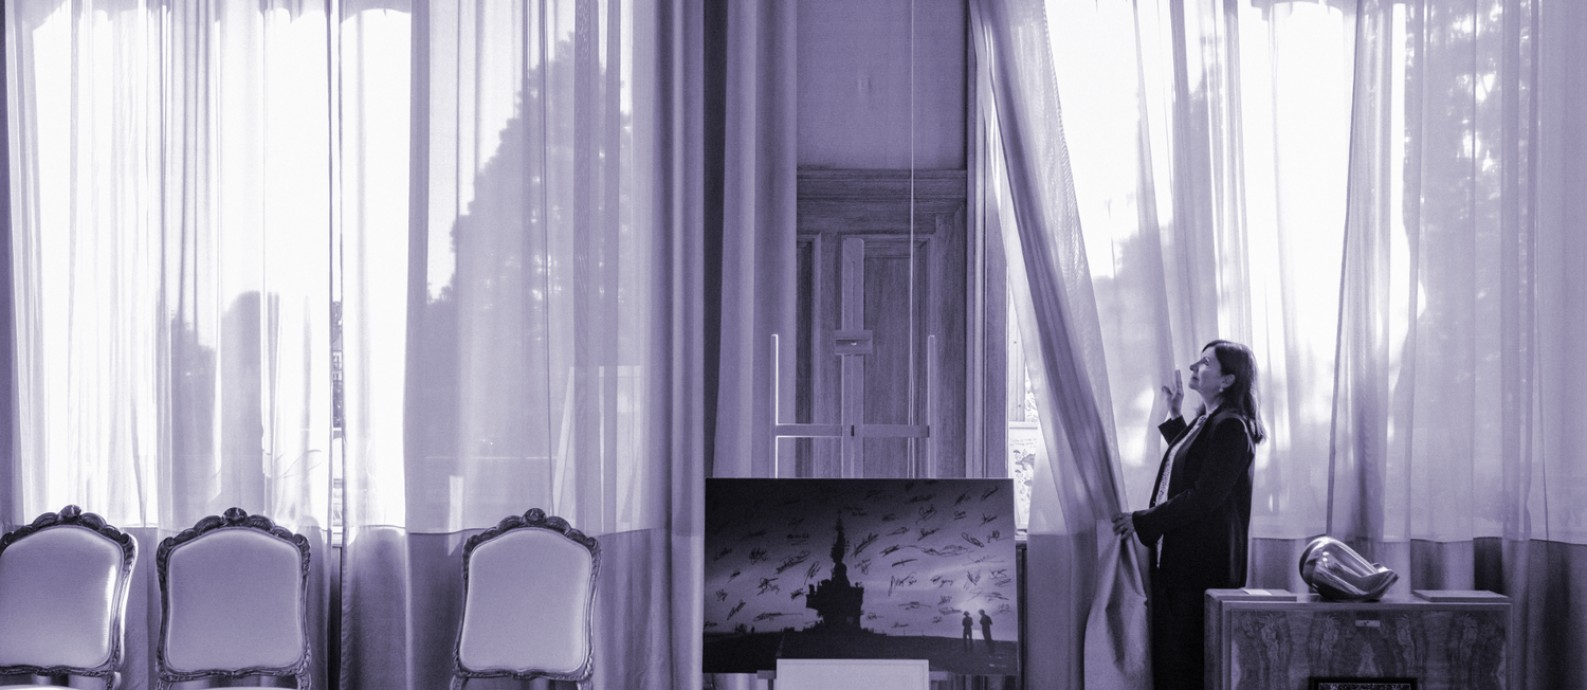 Anne Hidalgo, prefeita de Paris, fotografada em seu gabinete (17/09/2019). Um caso de abuso sexual colocou feministas em lados opostos na França, país onde o movimento #MeToo anda a passos lentos Foto: Andrea Mantovani/The New York Times